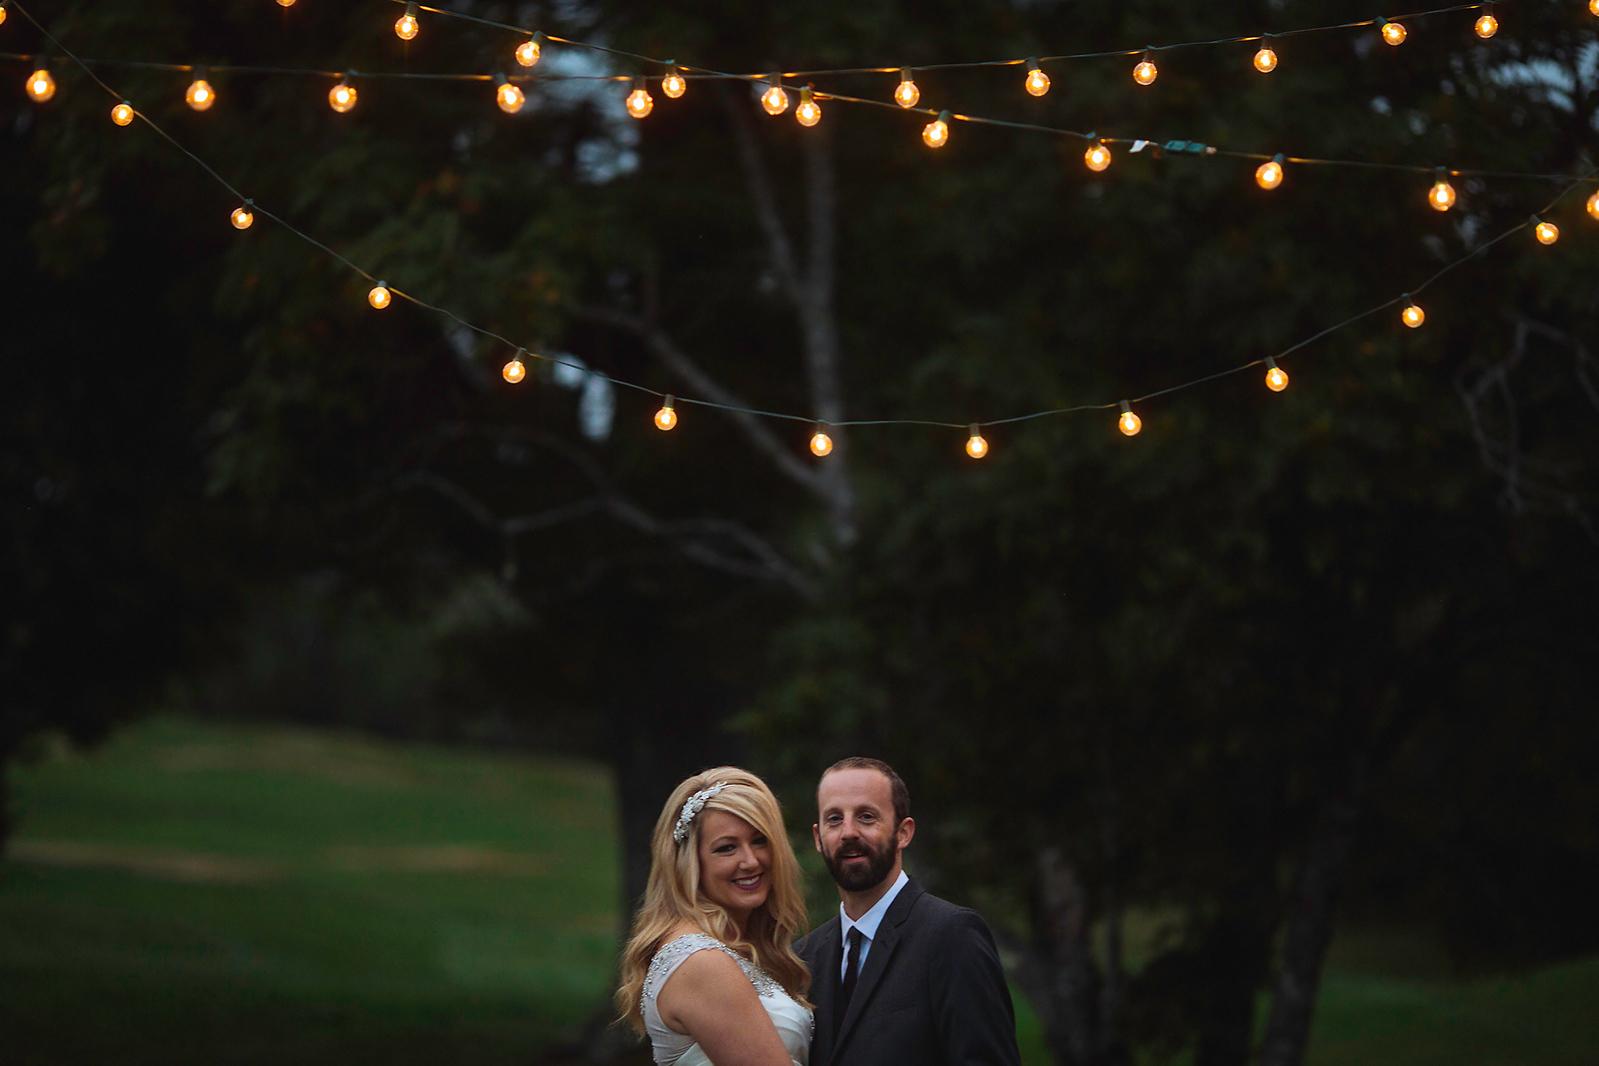 Janna and Nick - My fav shot